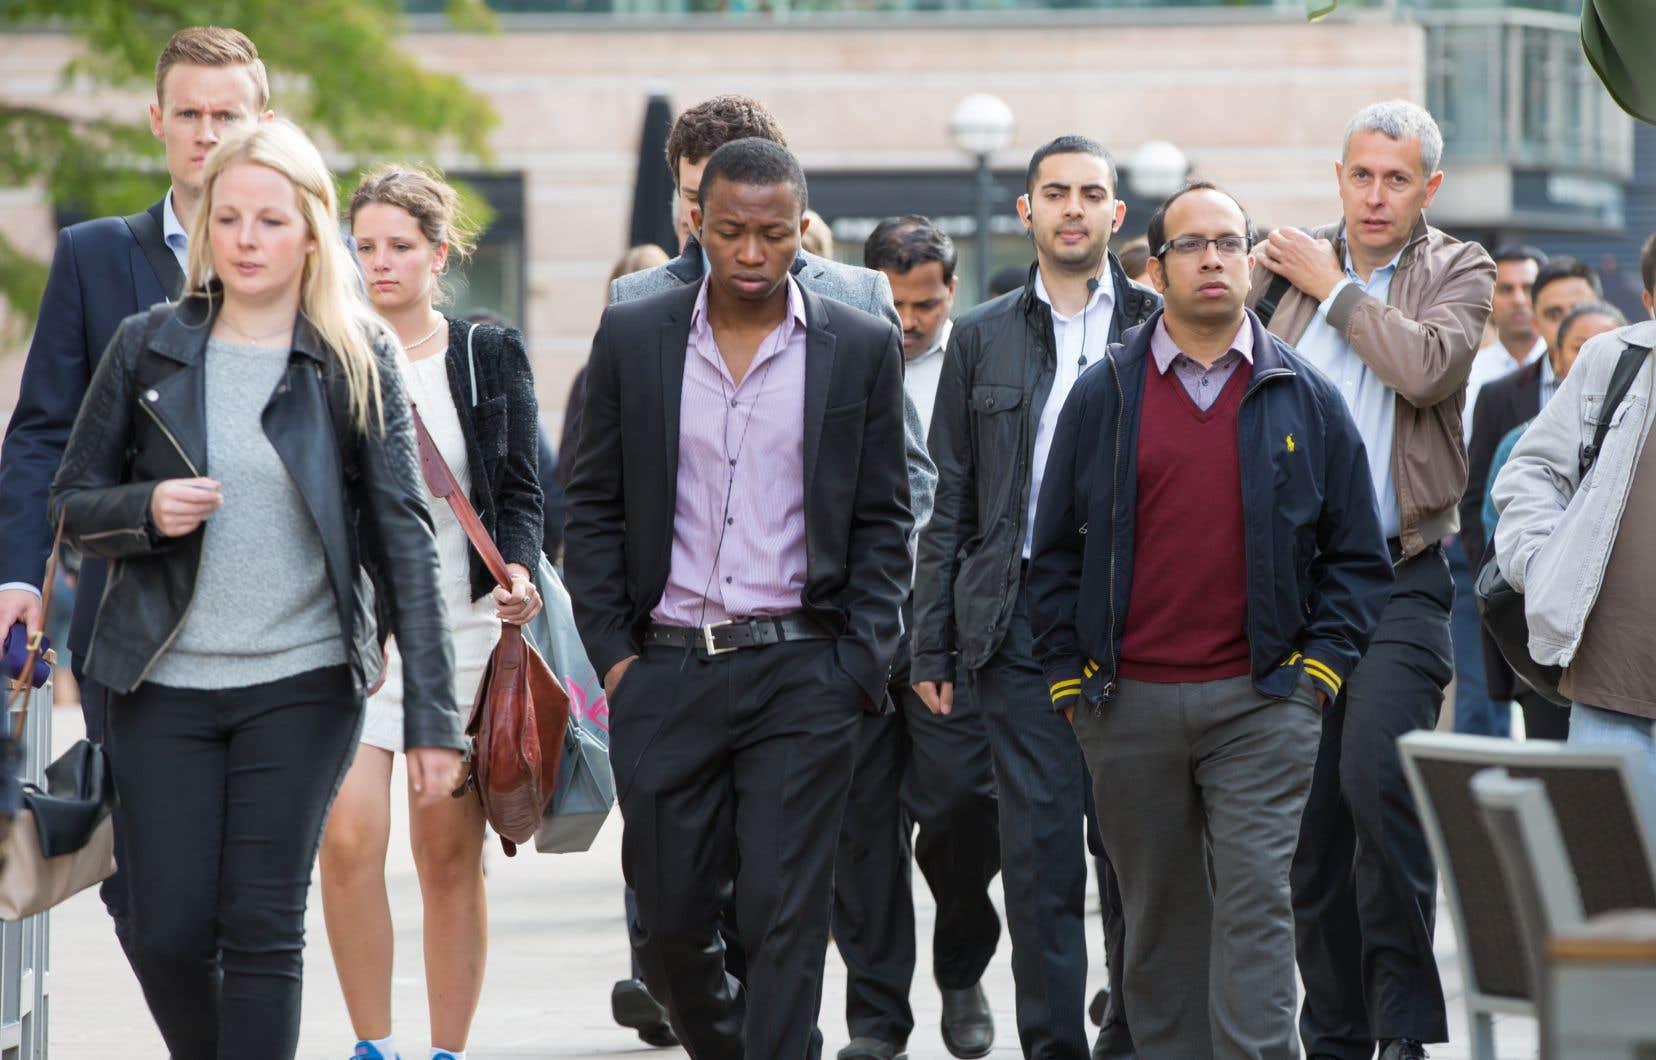 En janvier 2017, une étude de Statistique Canada prévoyait qu'en 2036, près de la moitié des Canadiens seraient des immigrants de premièreou de deuxièmegénération.